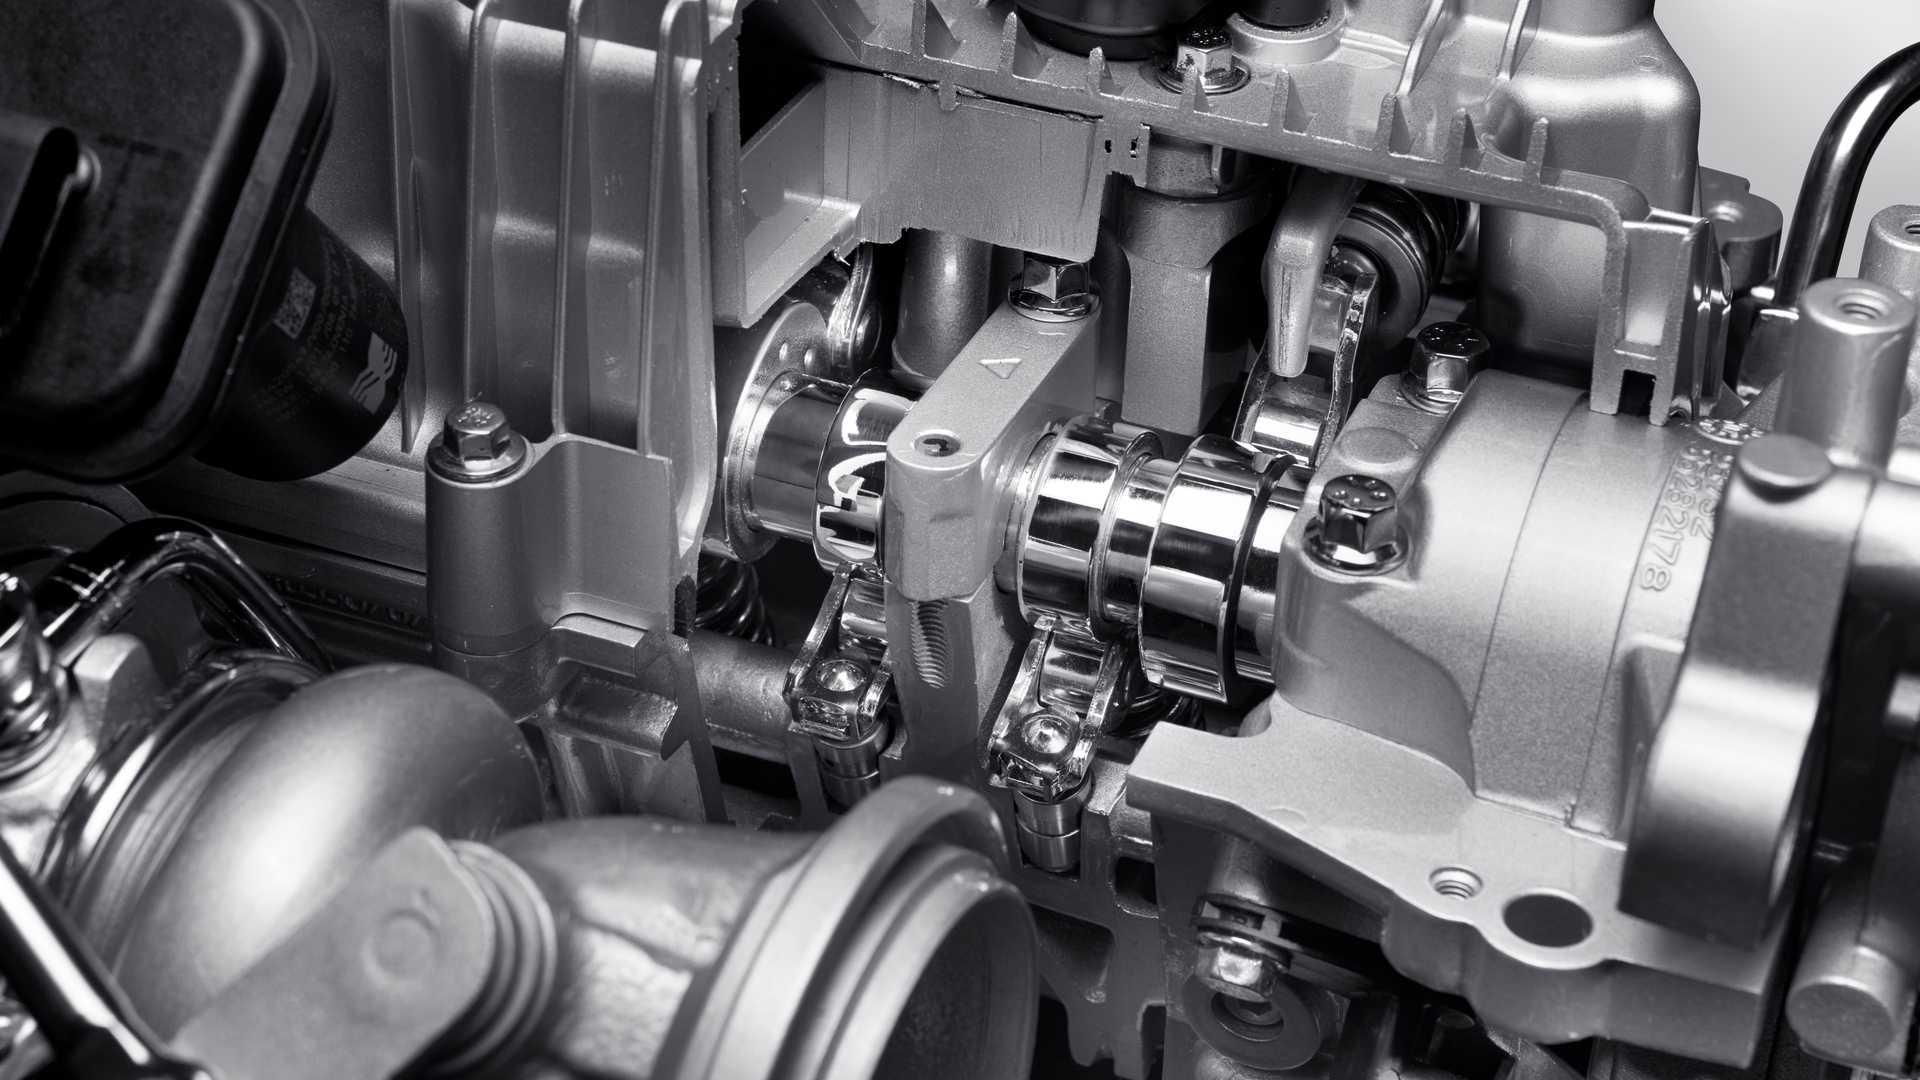 https://cdn.motor1.com/images/mgl/6mR1l/s6/i-motori-a-3-cilindri.jpg